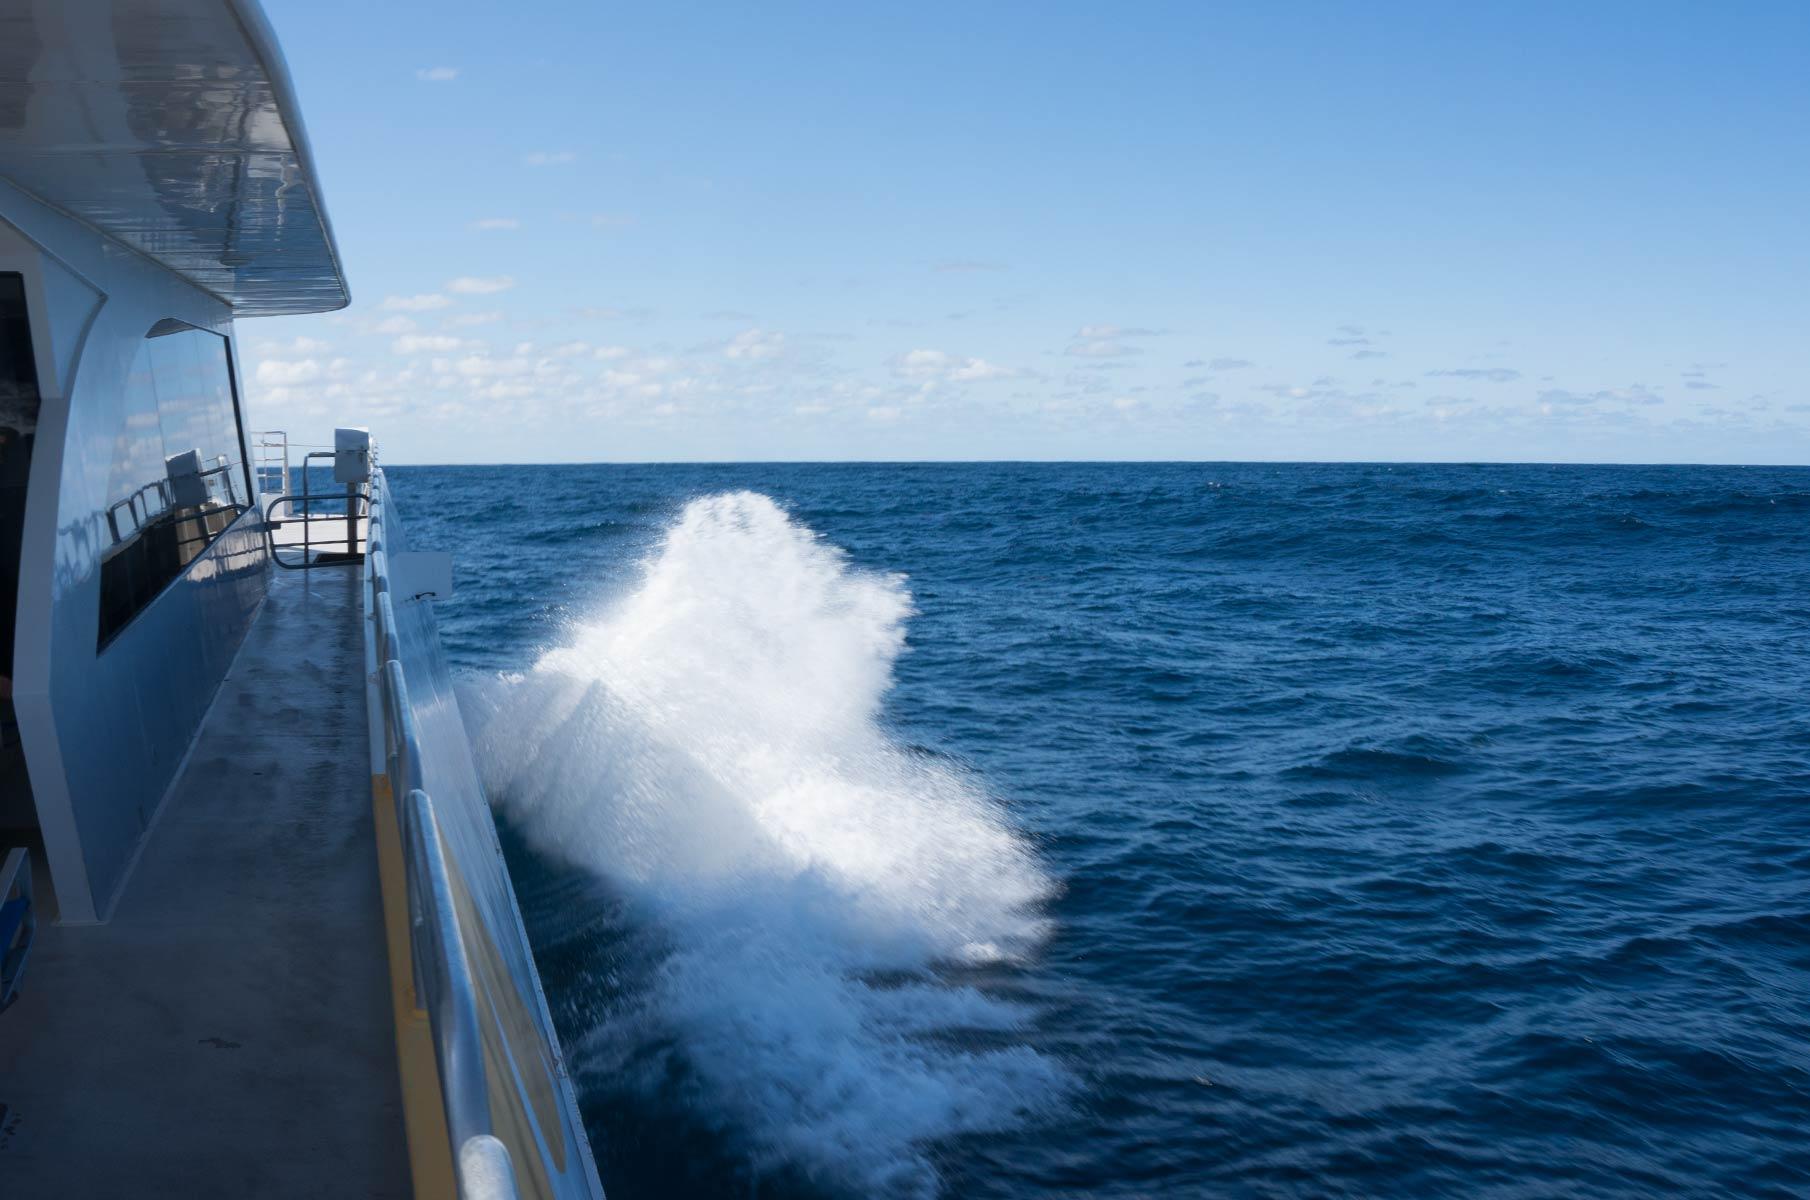 Whale Watching vor der Küste Sydneys, Australien